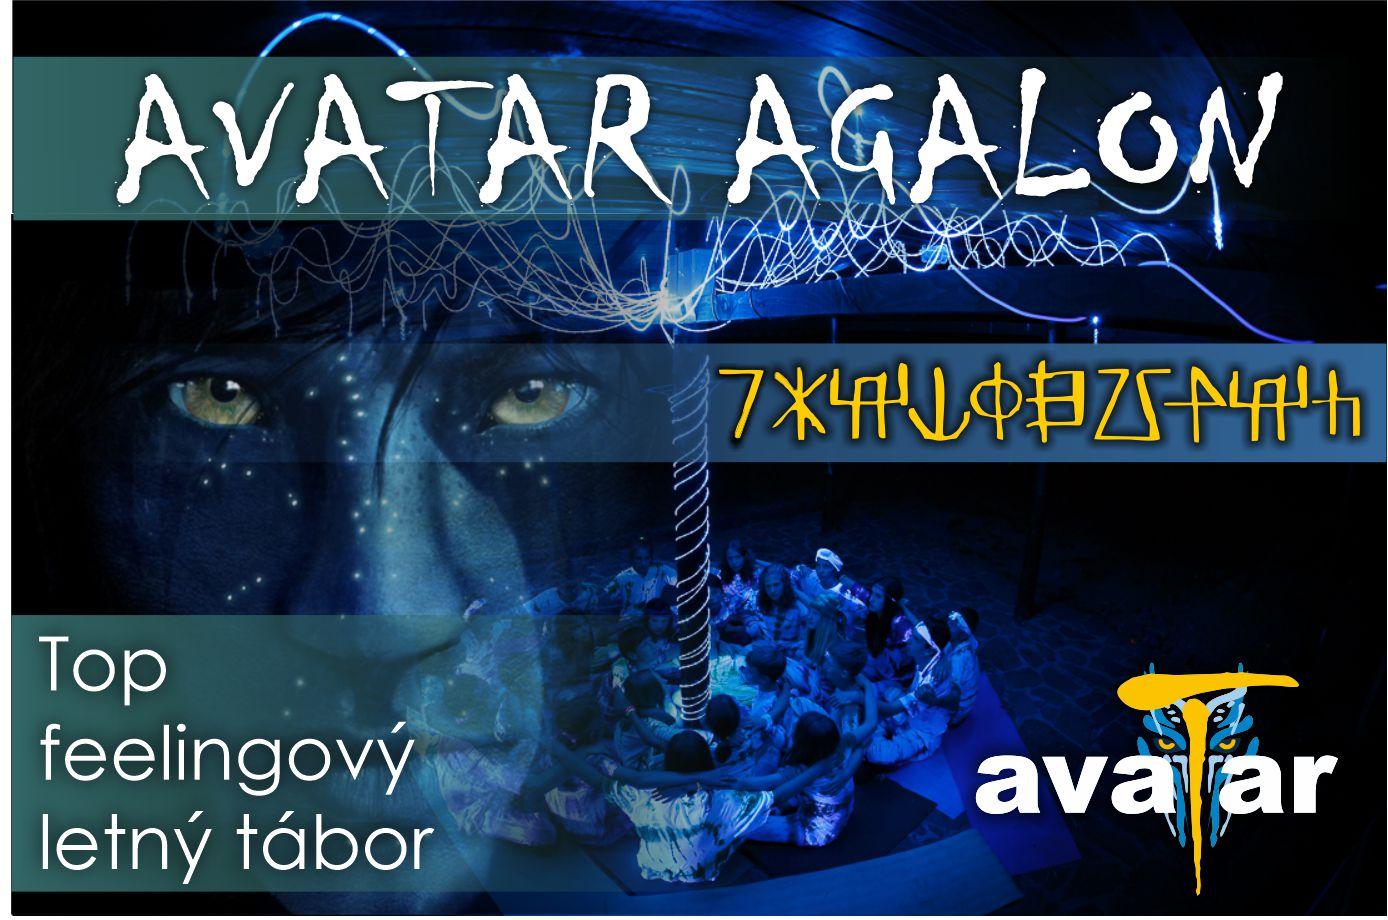 Avatar - Agalon